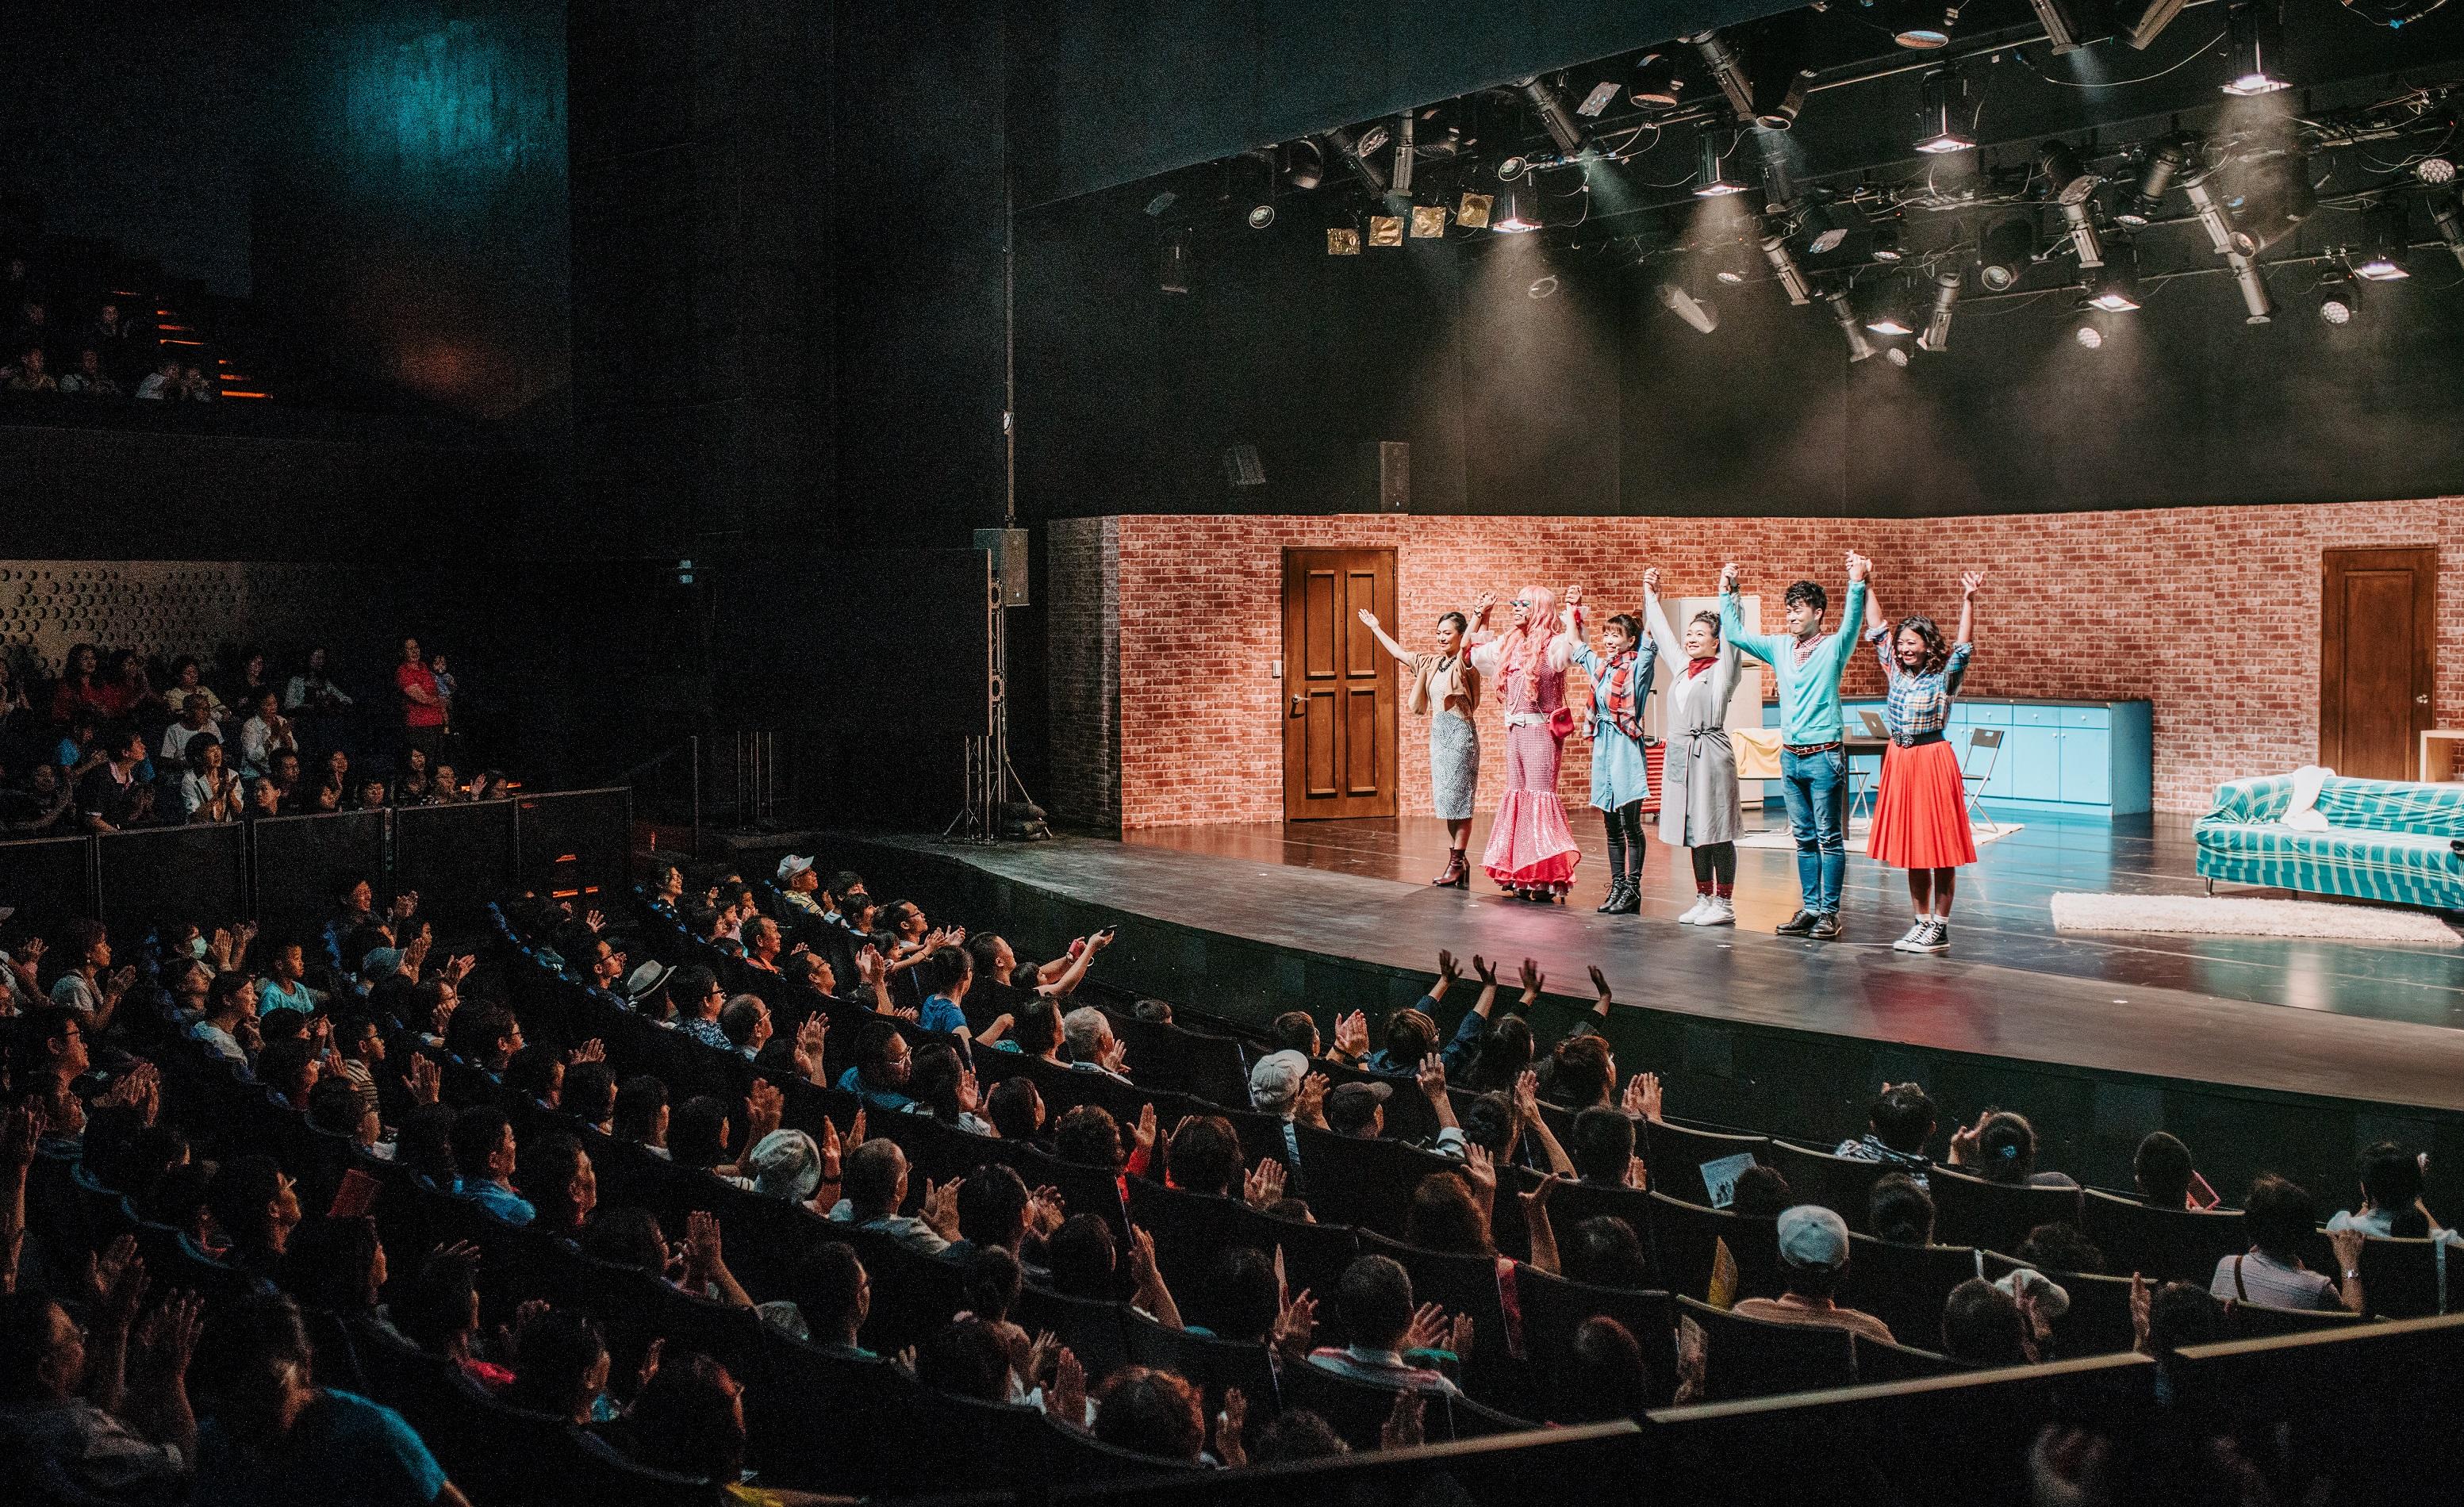 去年衛武營入厝Open House演出,吸引許多民眾到場同歡。